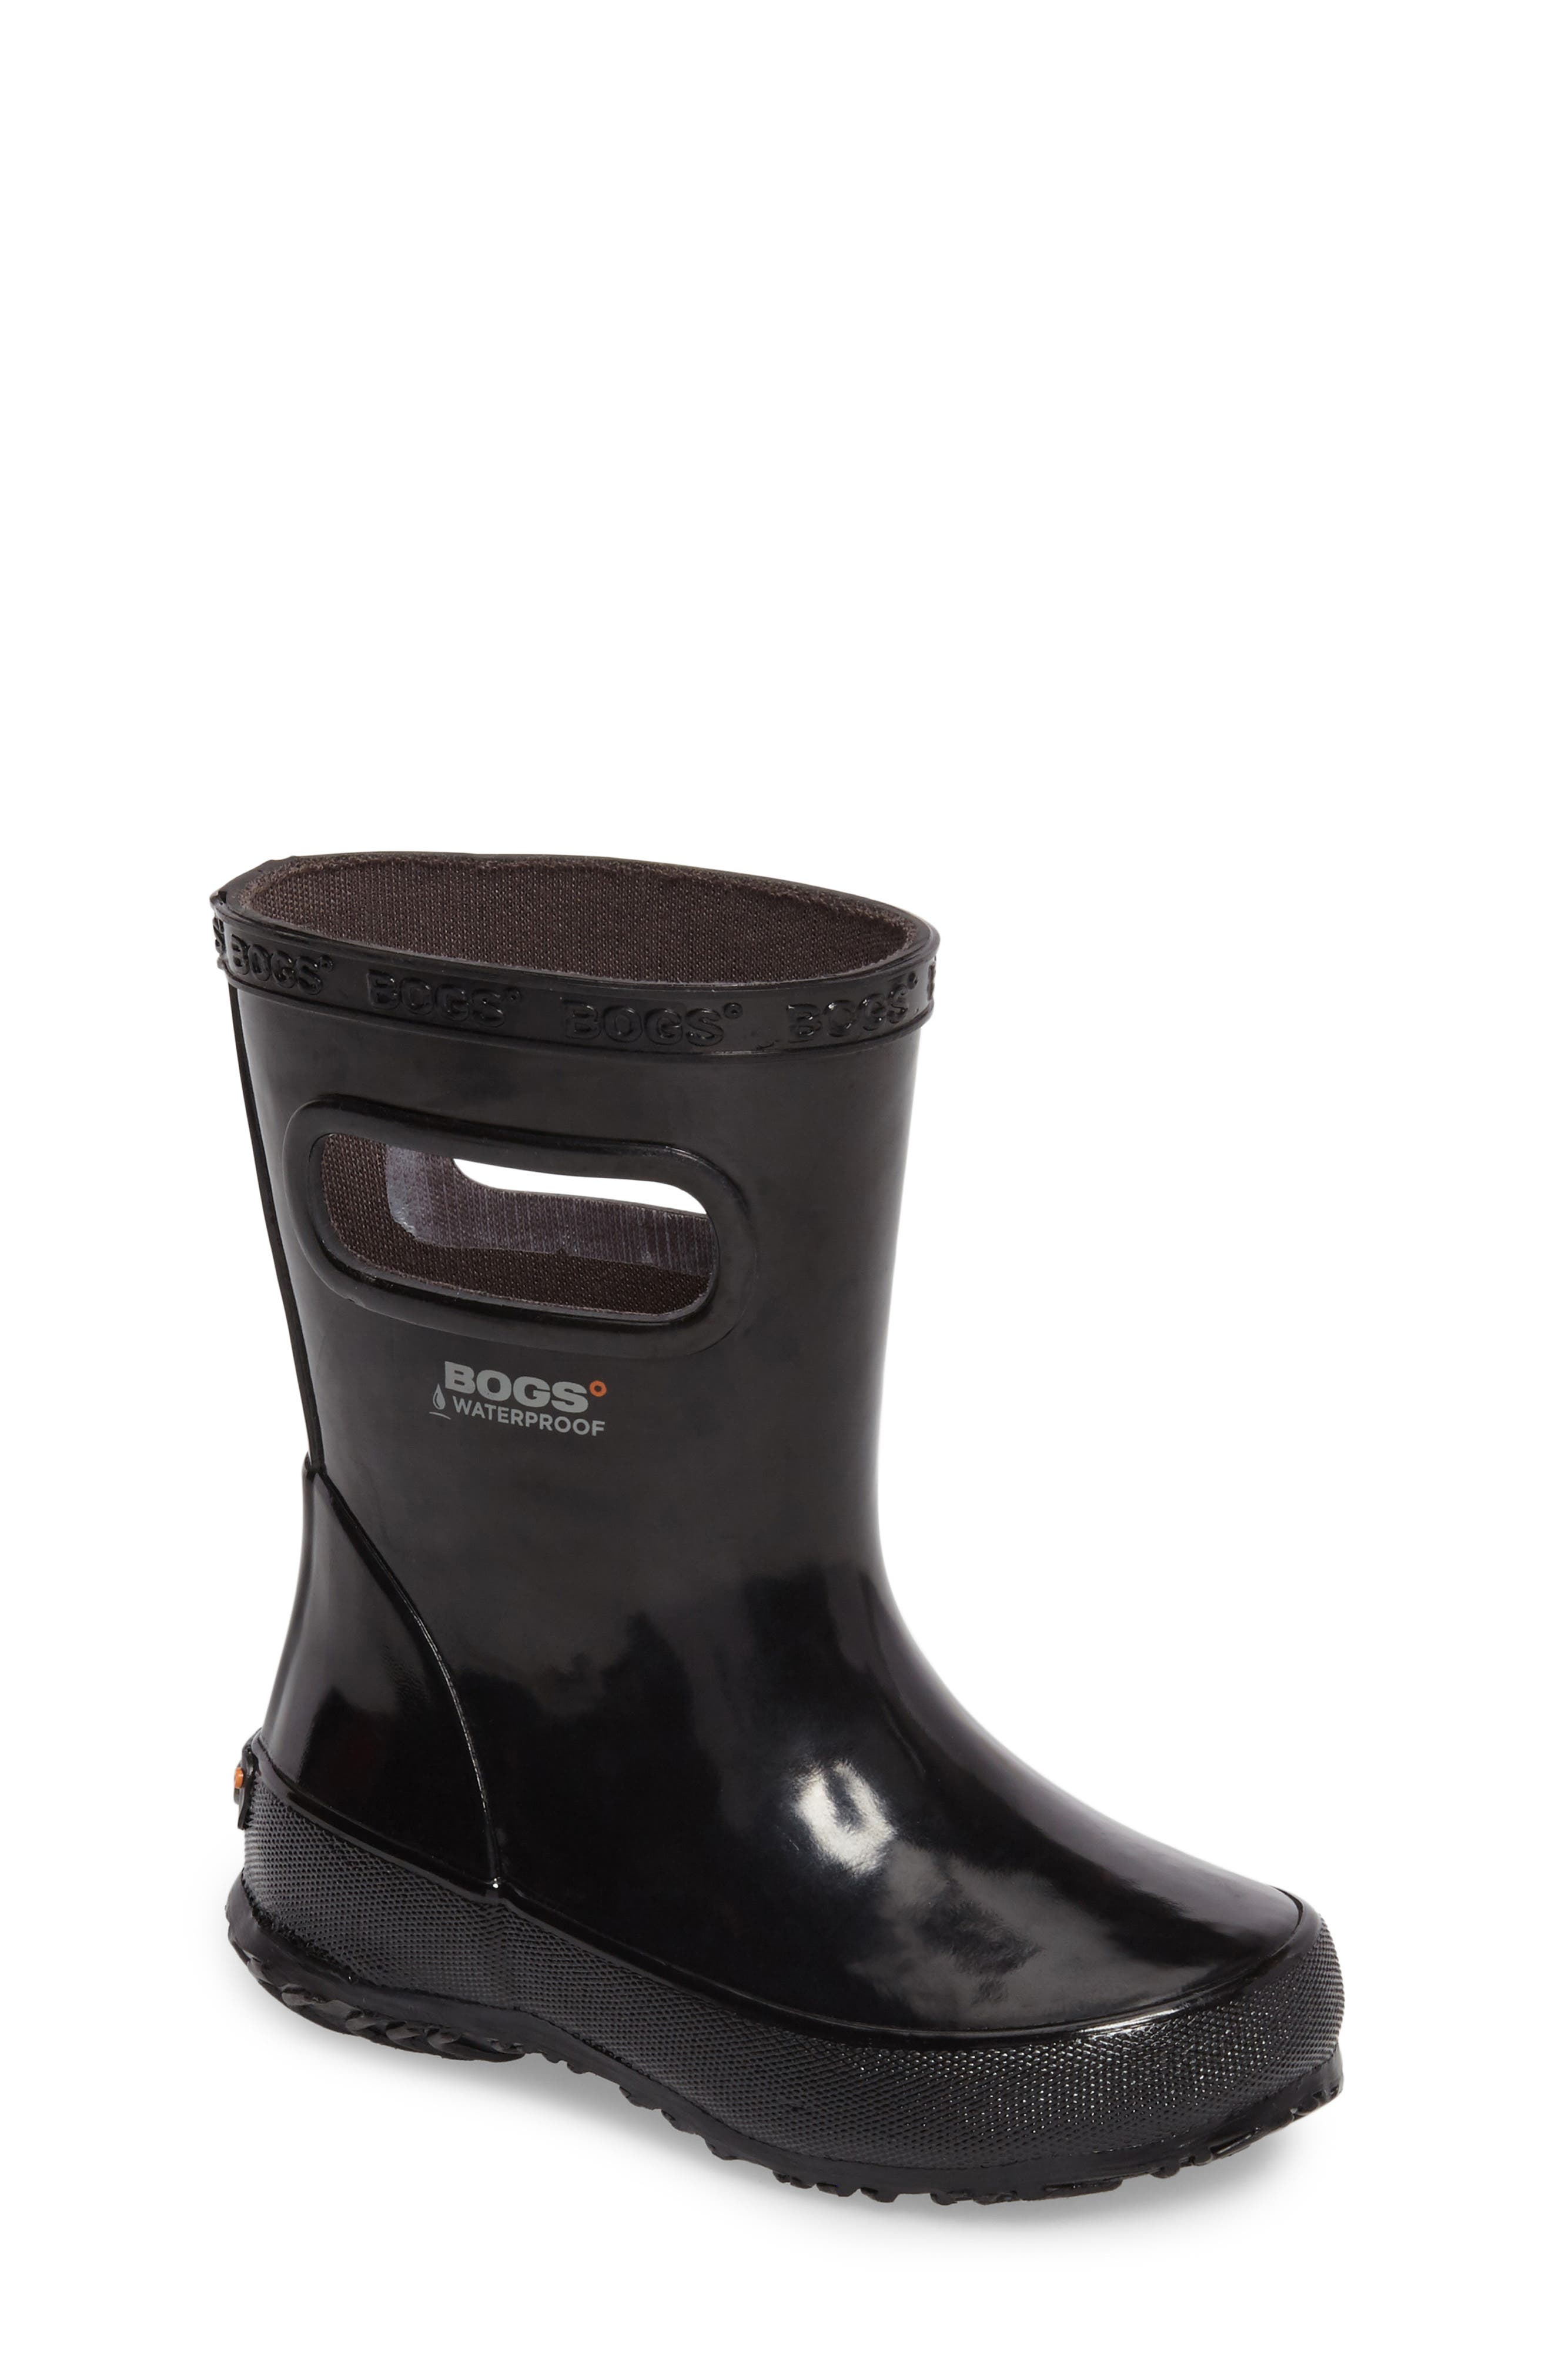 Skipper Rubber Rain Boot,                         Main,                         color, Black